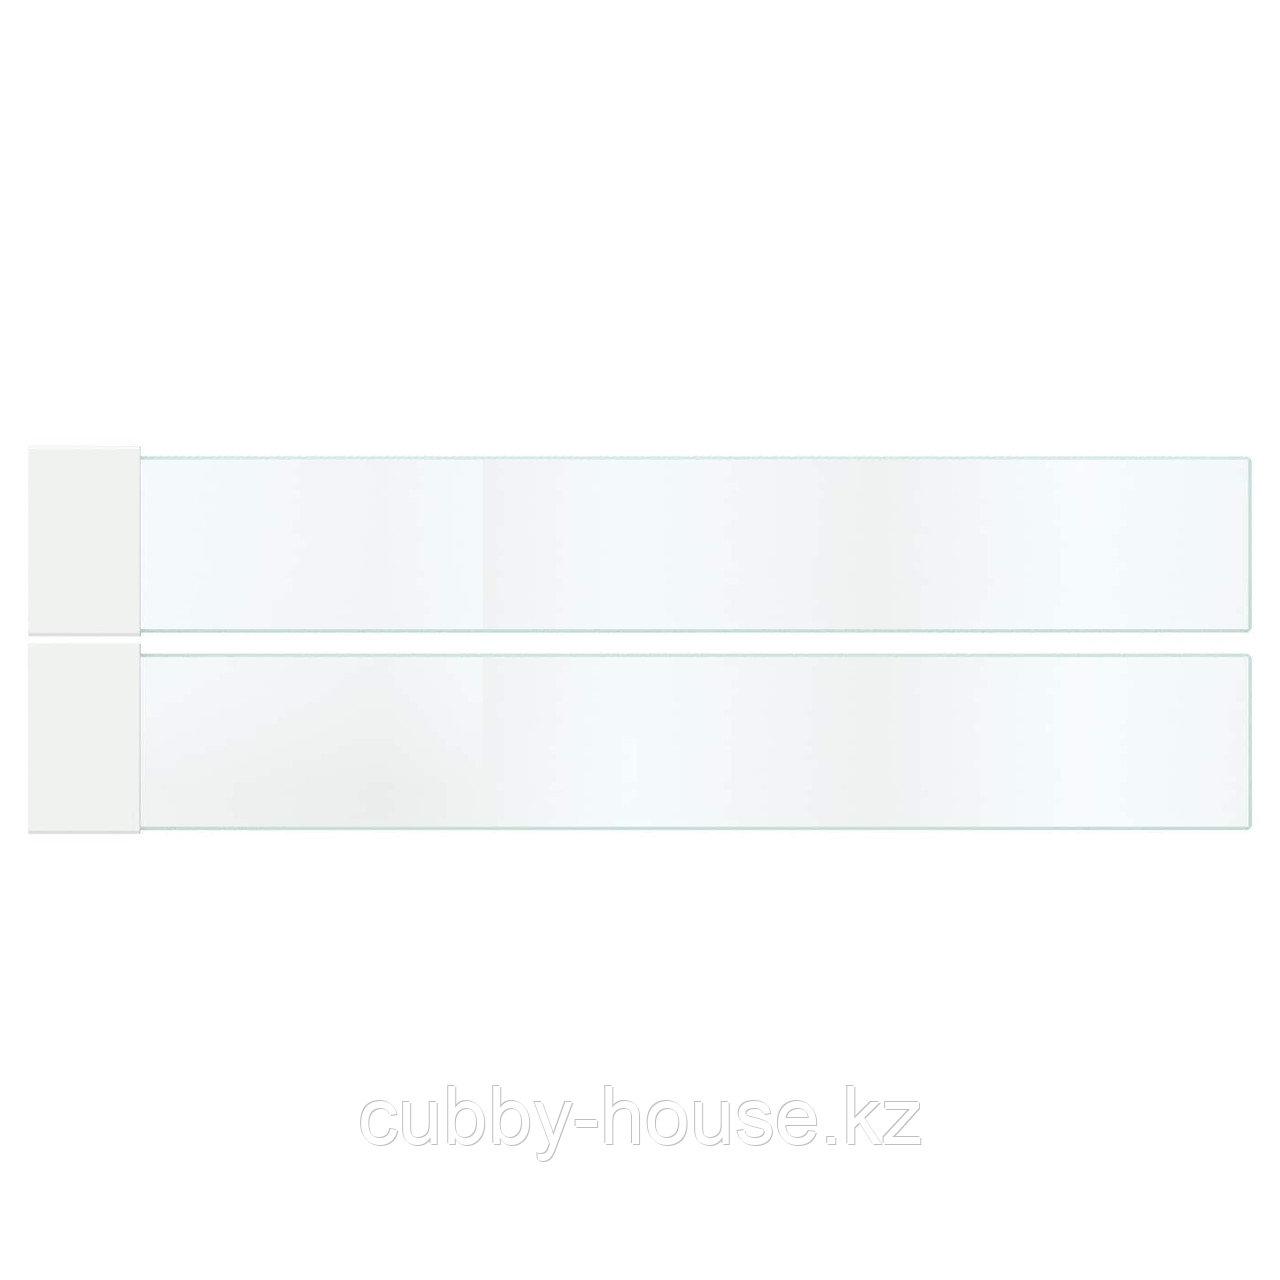 МАКСИМЕРА Дополнит боковина д/ящика, средняя, стекло, 60 см